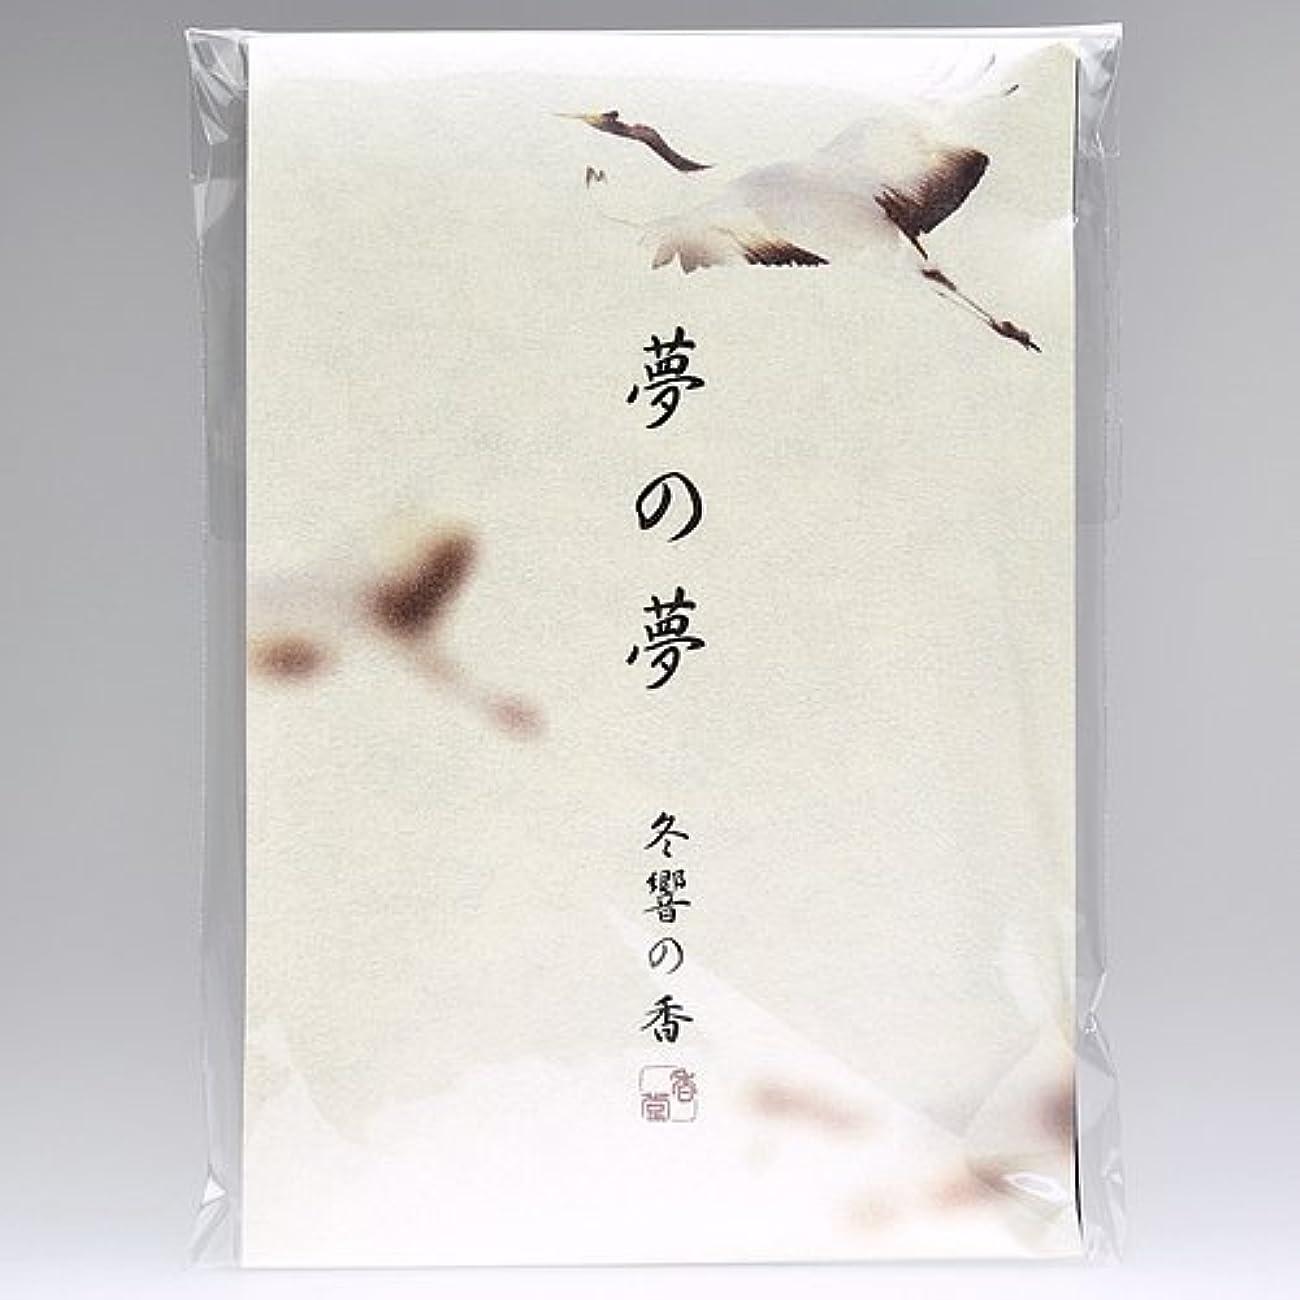 ブローカロリー記憶夢の夢 冬響の香 (鶴) スティック12本入